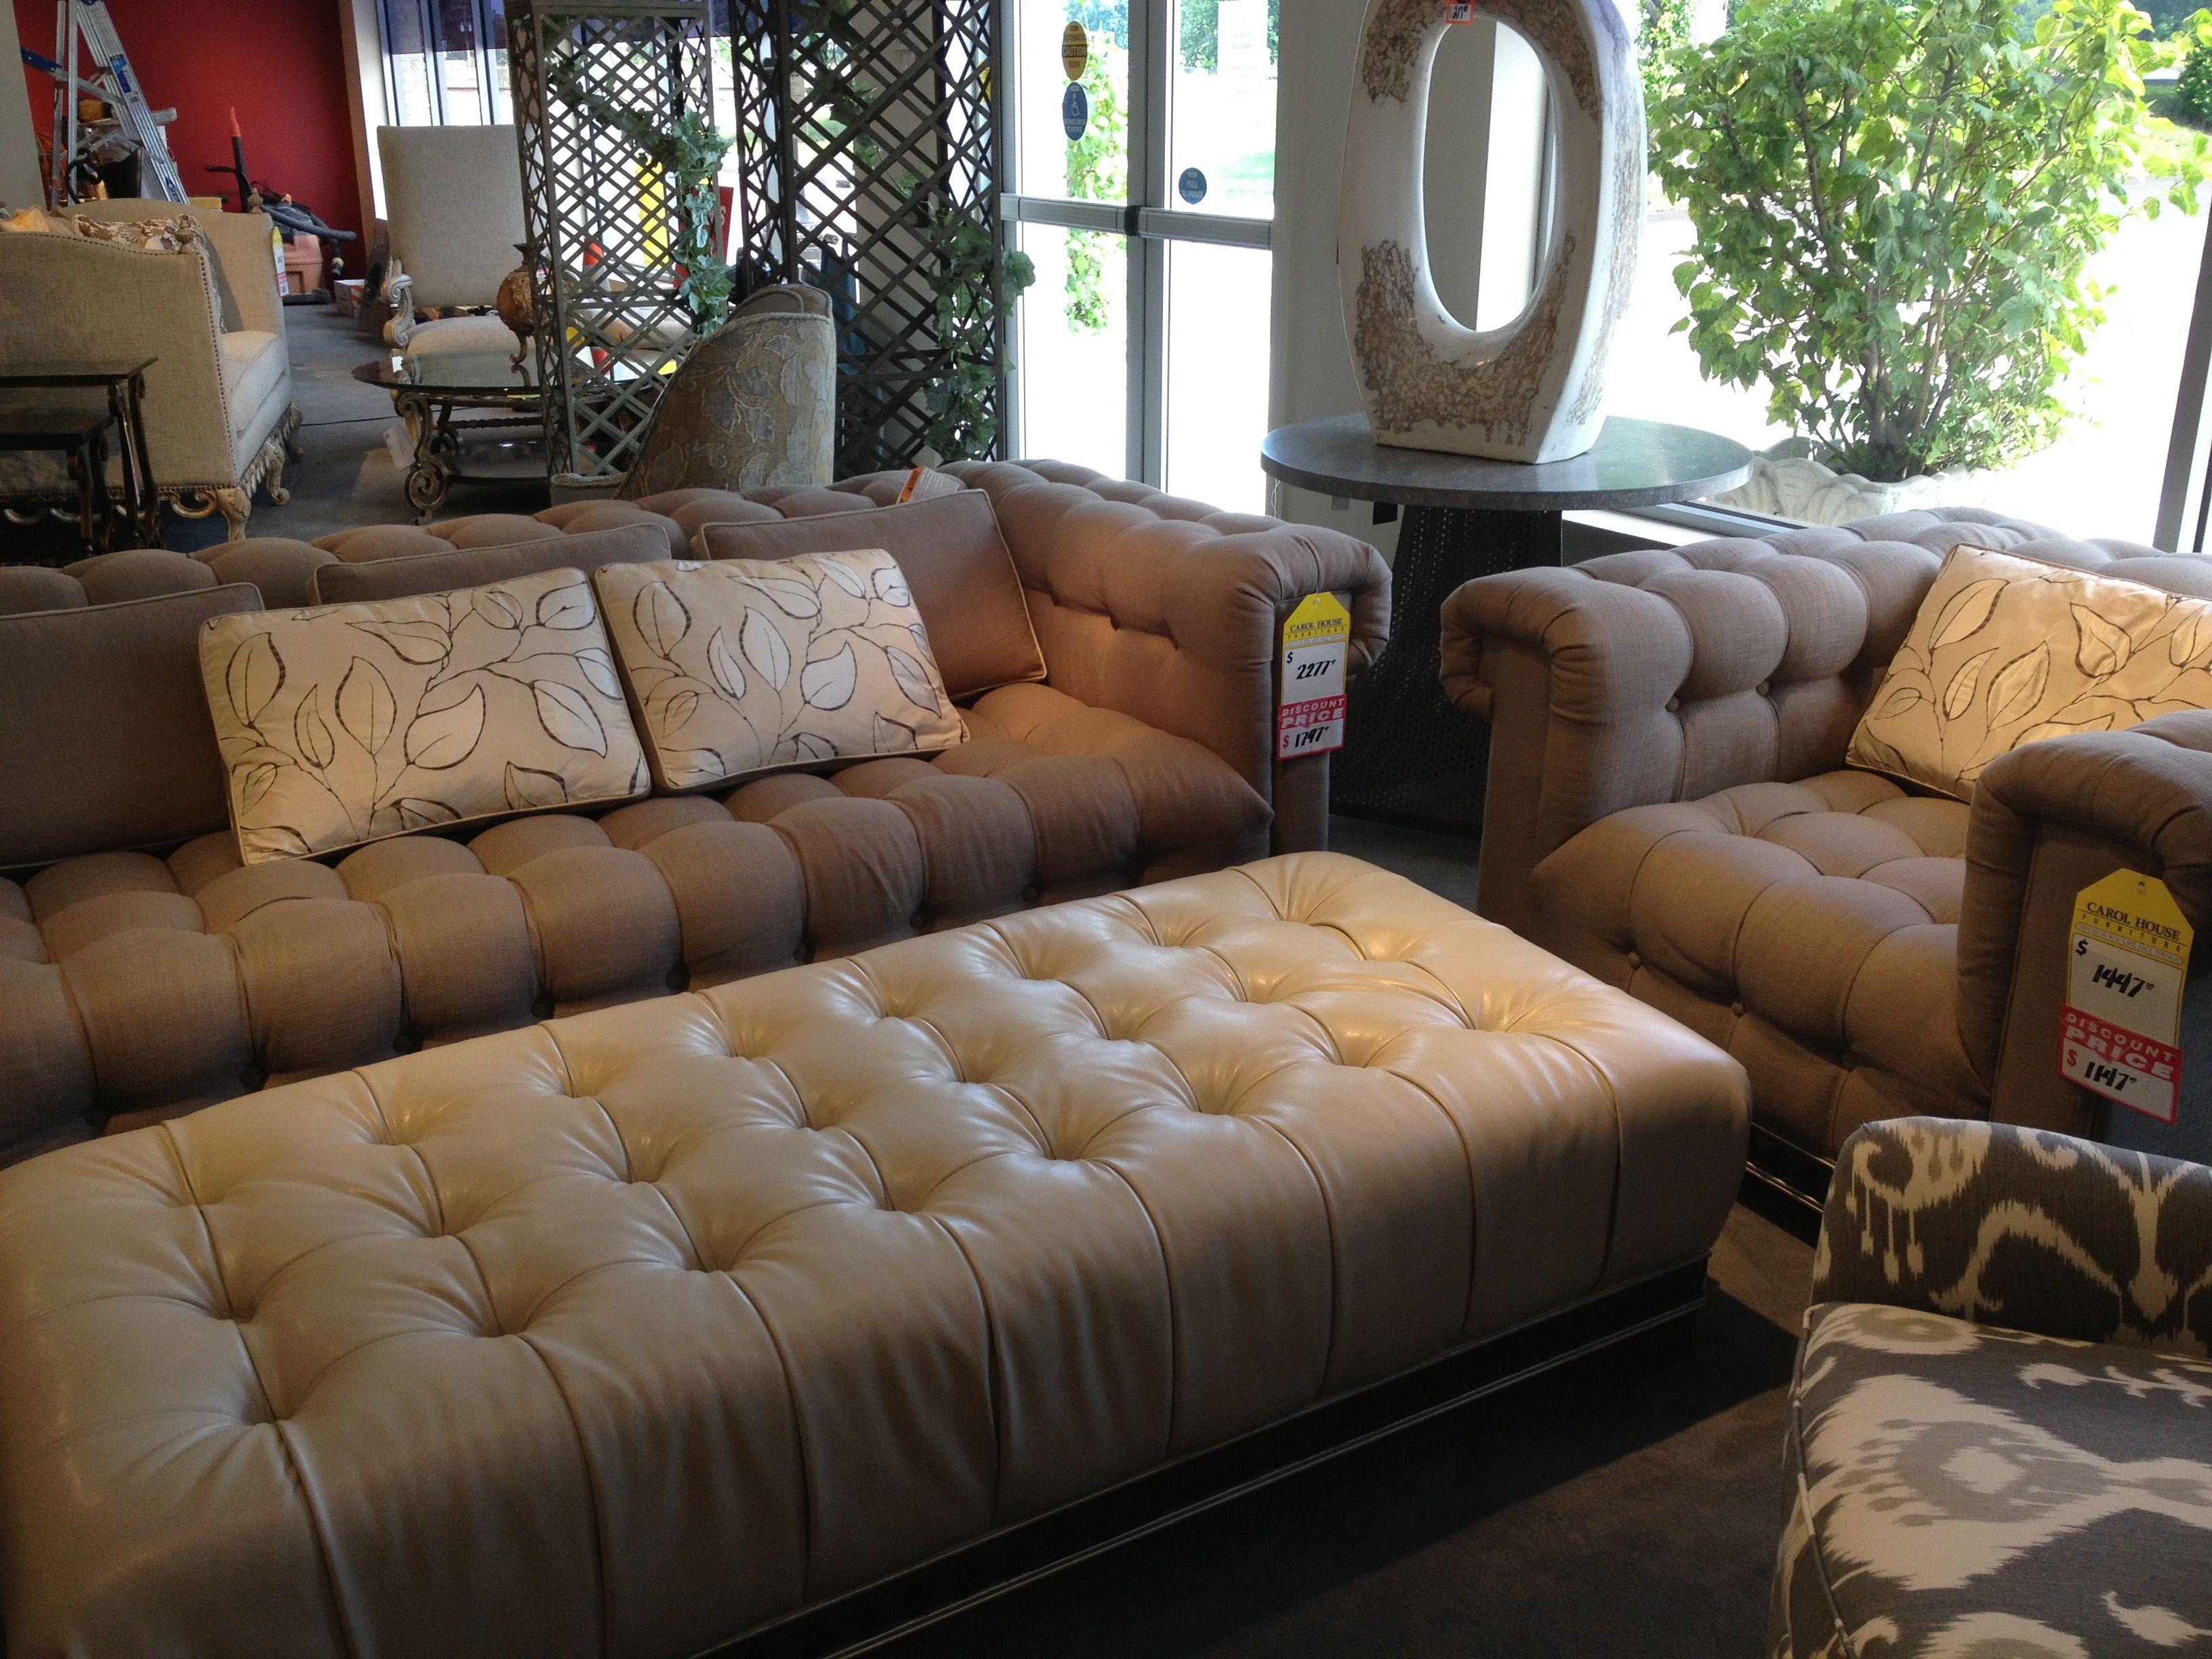 Tufted Lush Gray Sofa Chair Carol House Sofa Sofa Chair